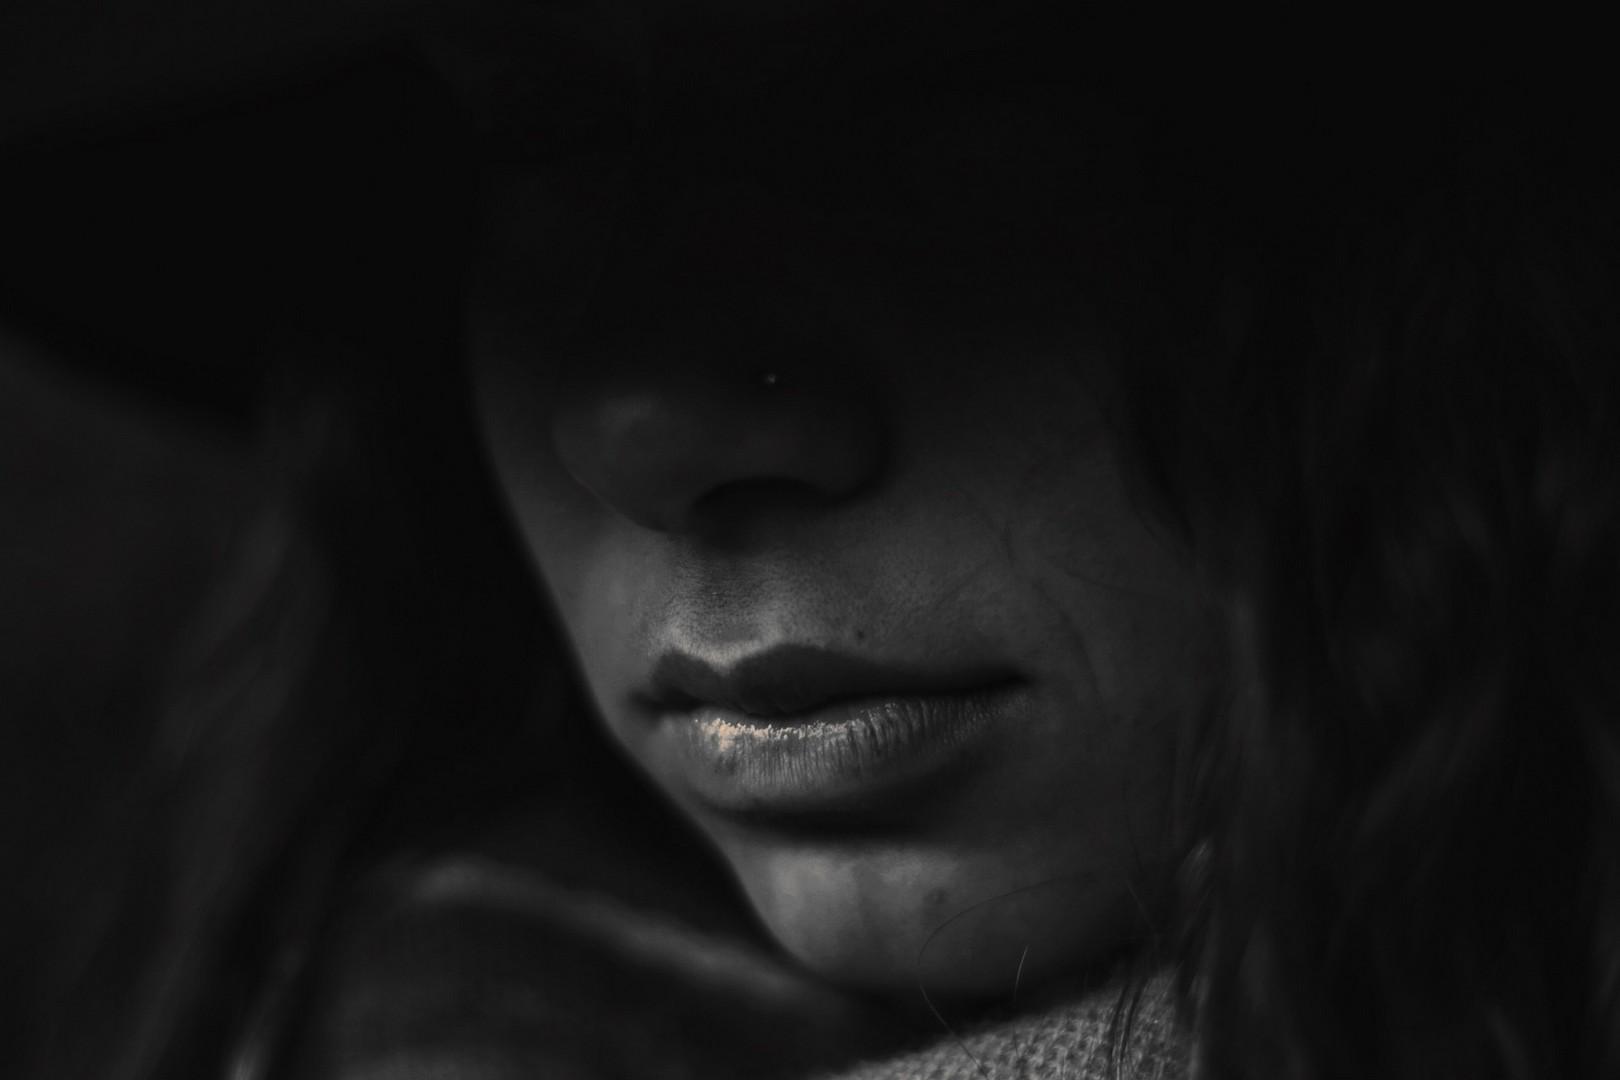 Как пережить предательство любимого человека и не сойти с ума?